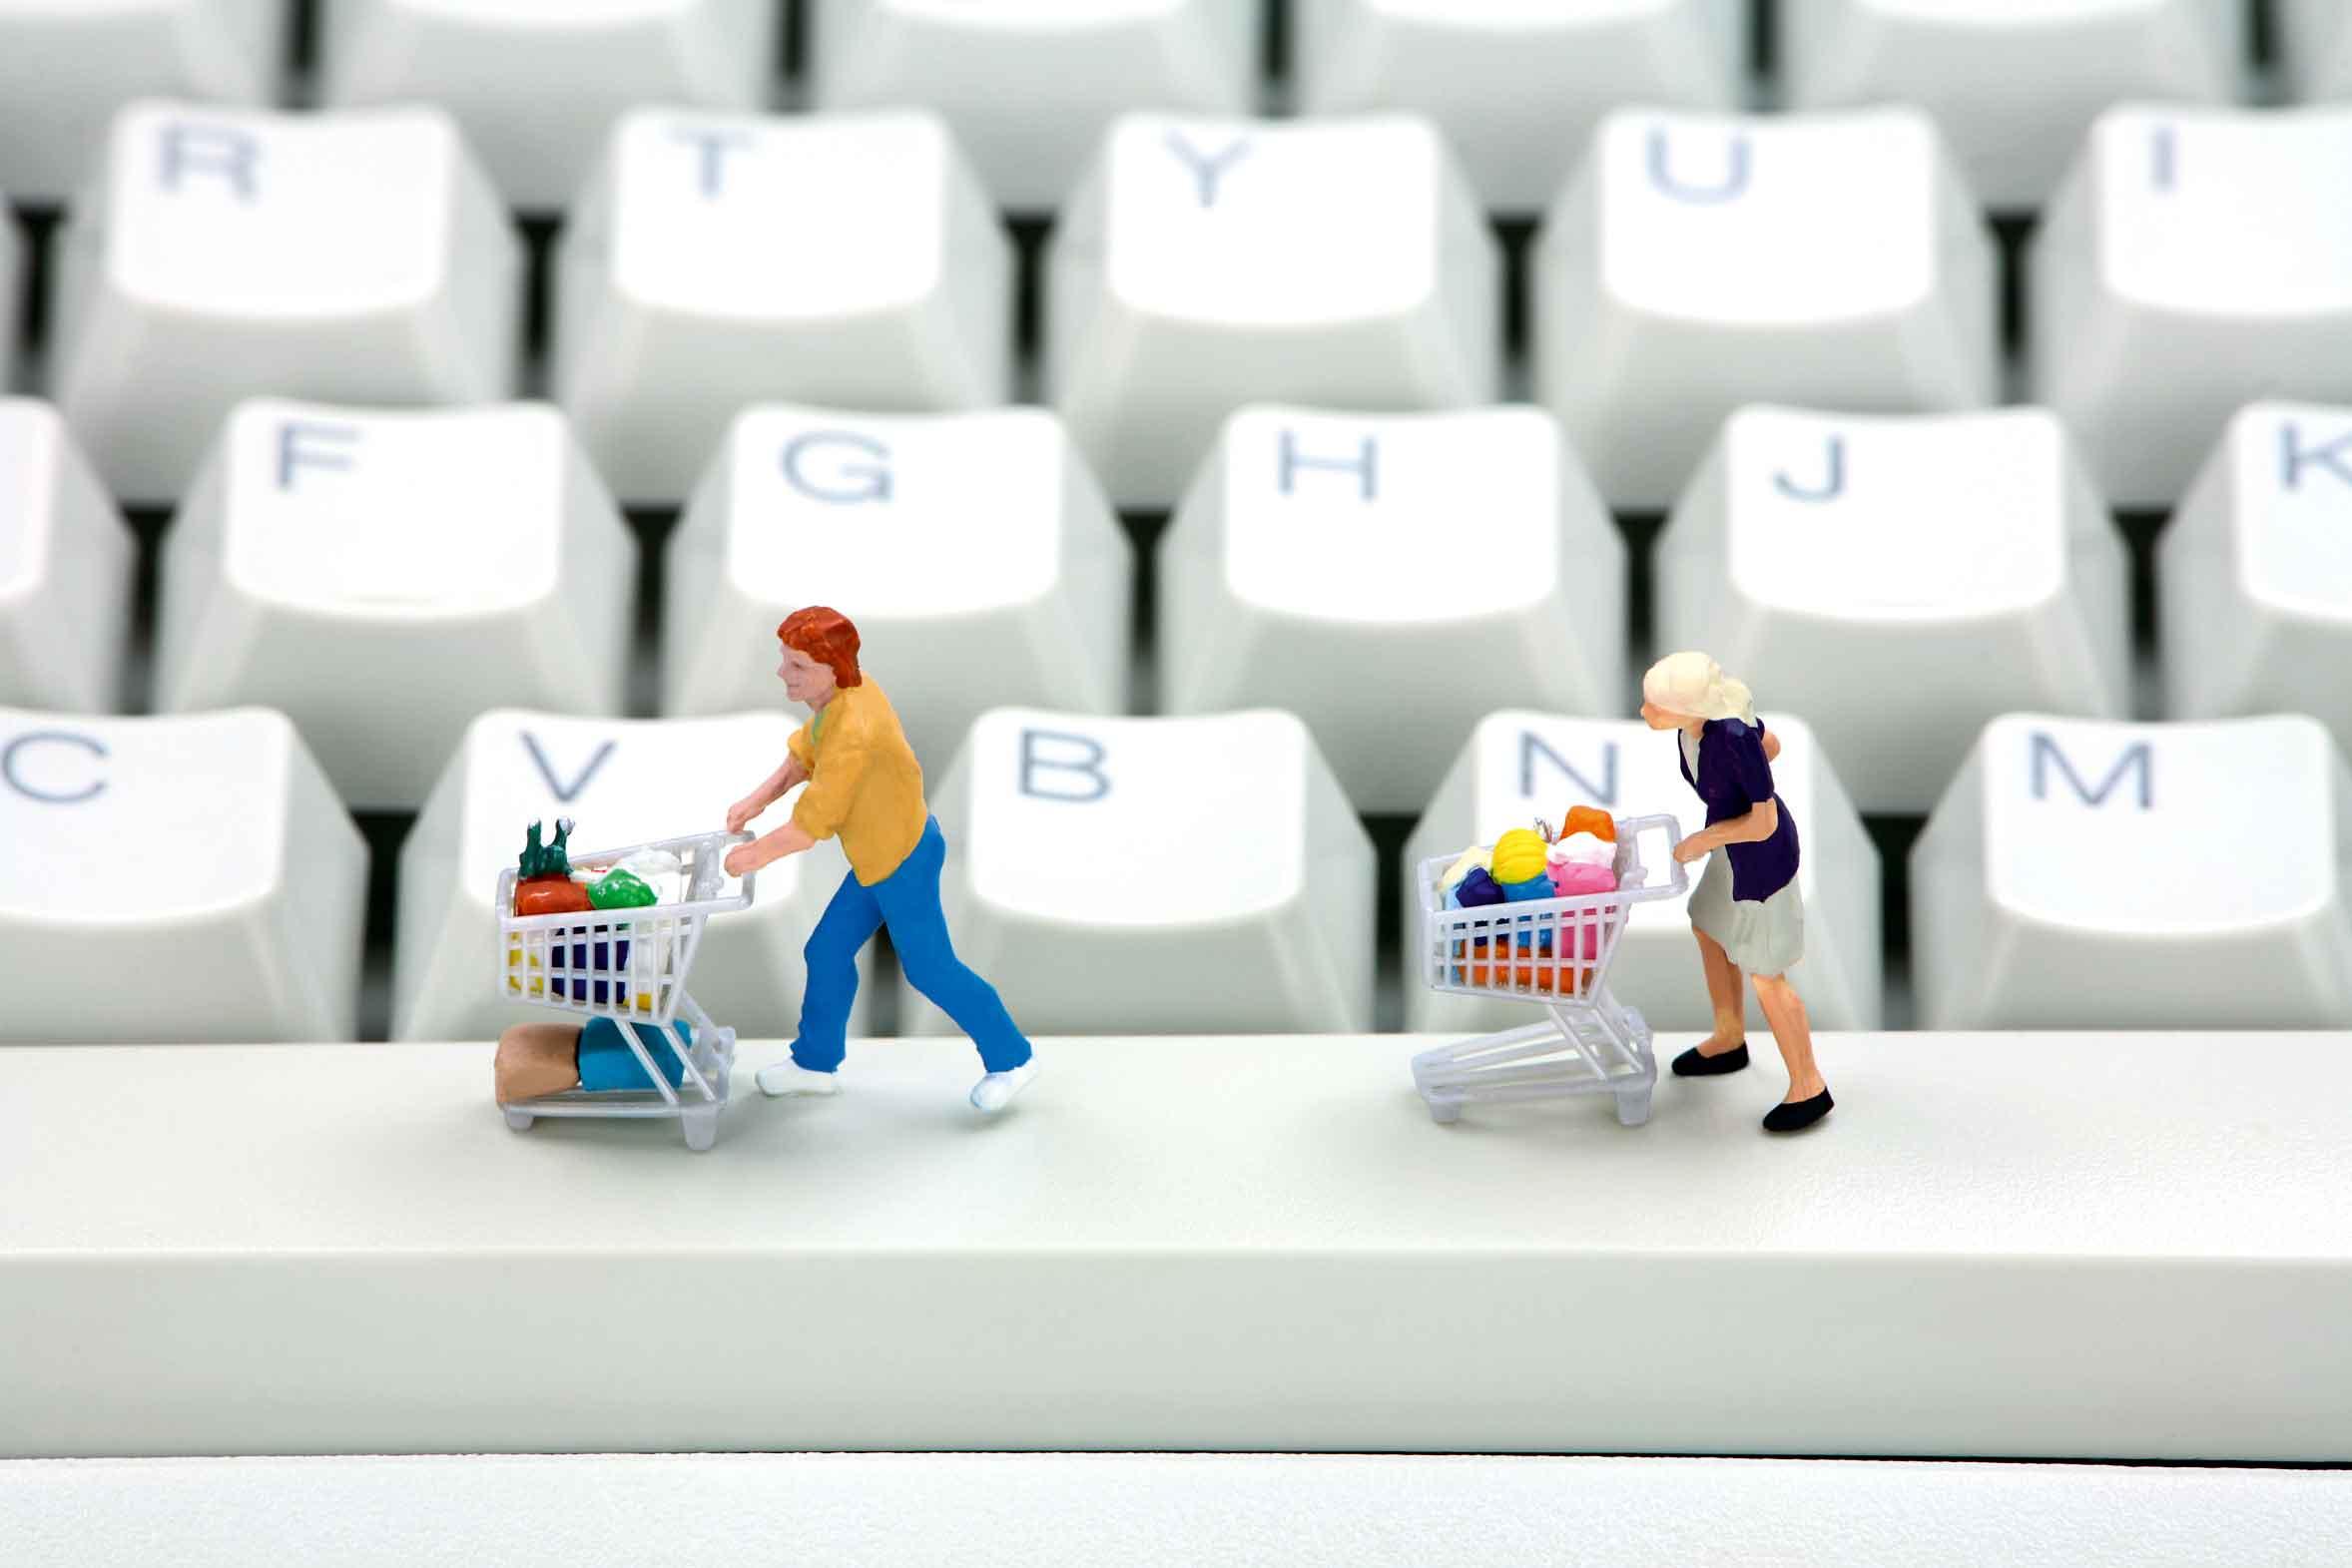 مجال التجارة الإلكترونية بالصين